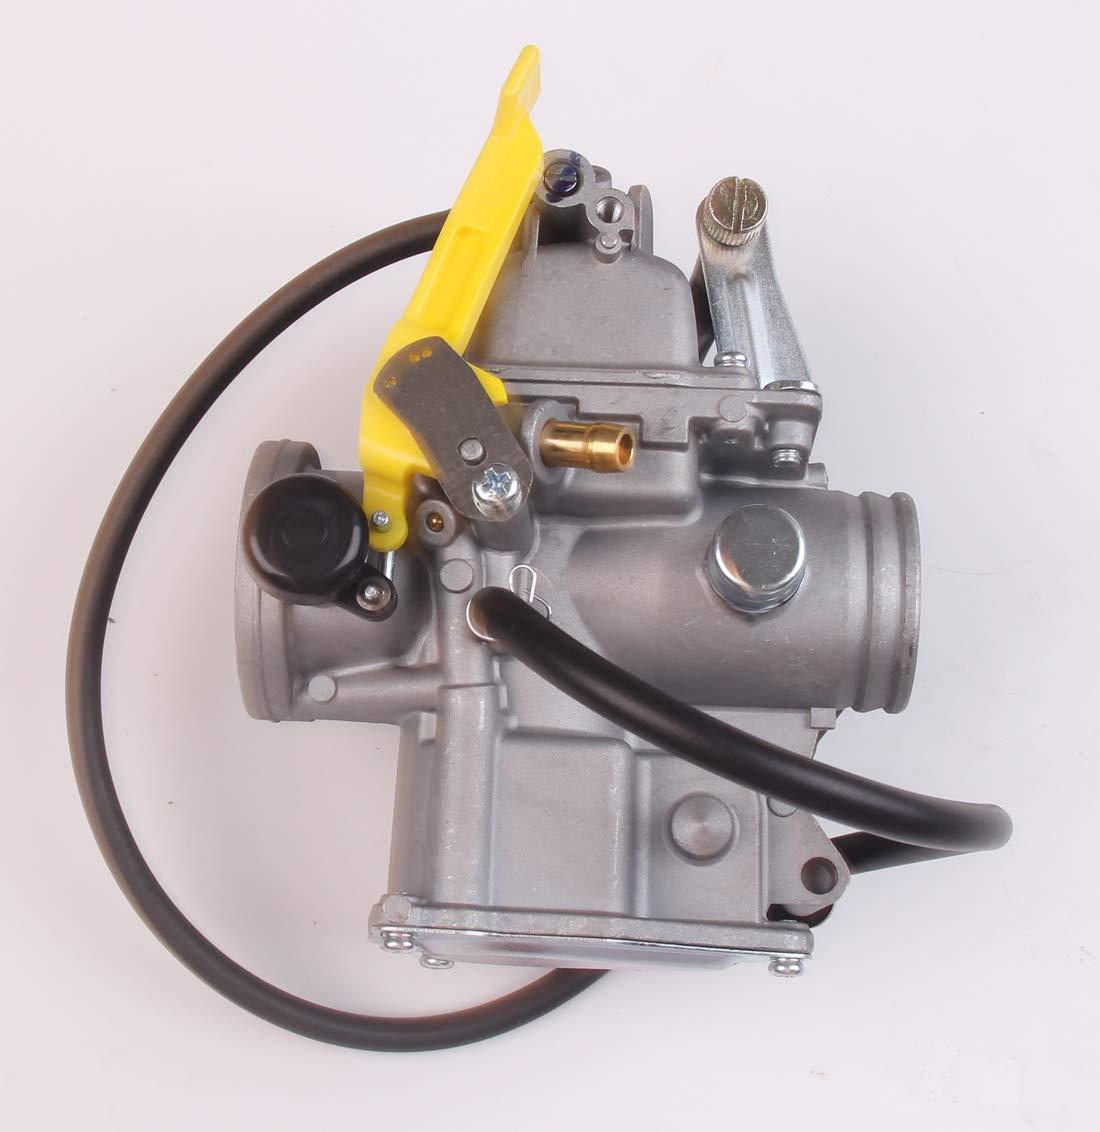 New Carburetor Carb for Honda TRX 300 EX TRX300EX 1993-2008 by BH-Motor (Image #2)